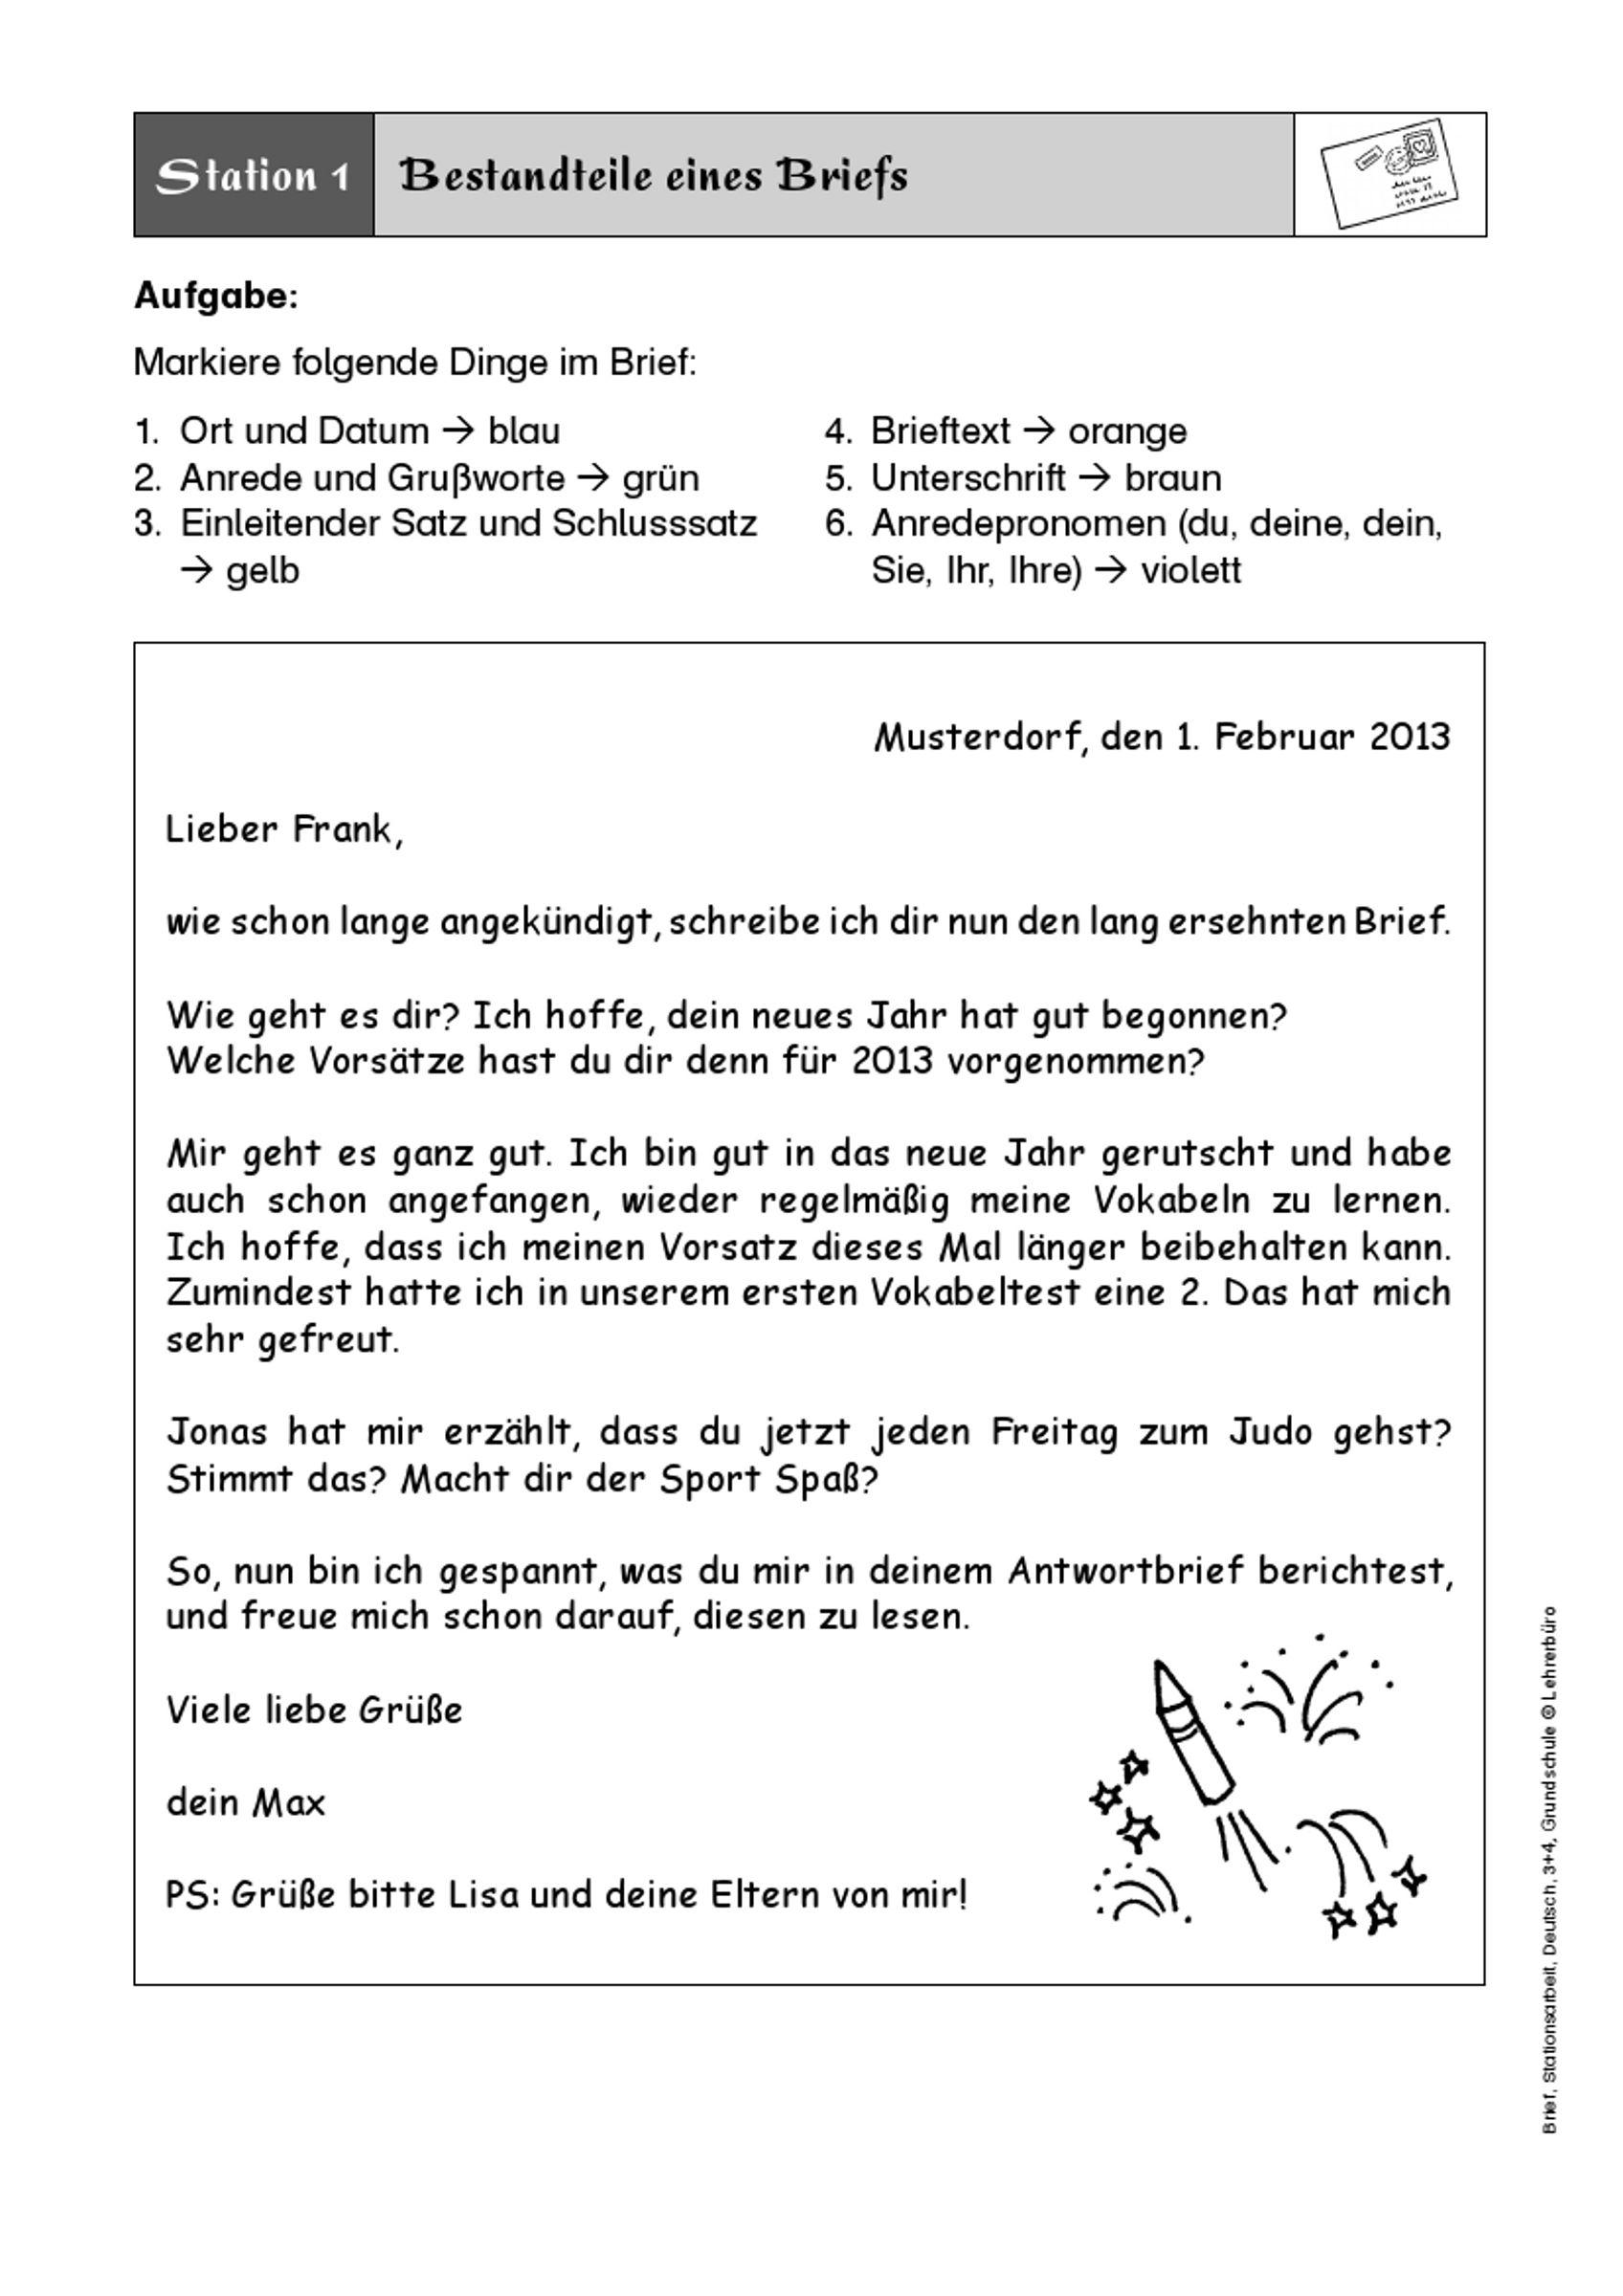 Briefe An Lehrerin Schreiben : Bildergebnis für brief schreiben klasse